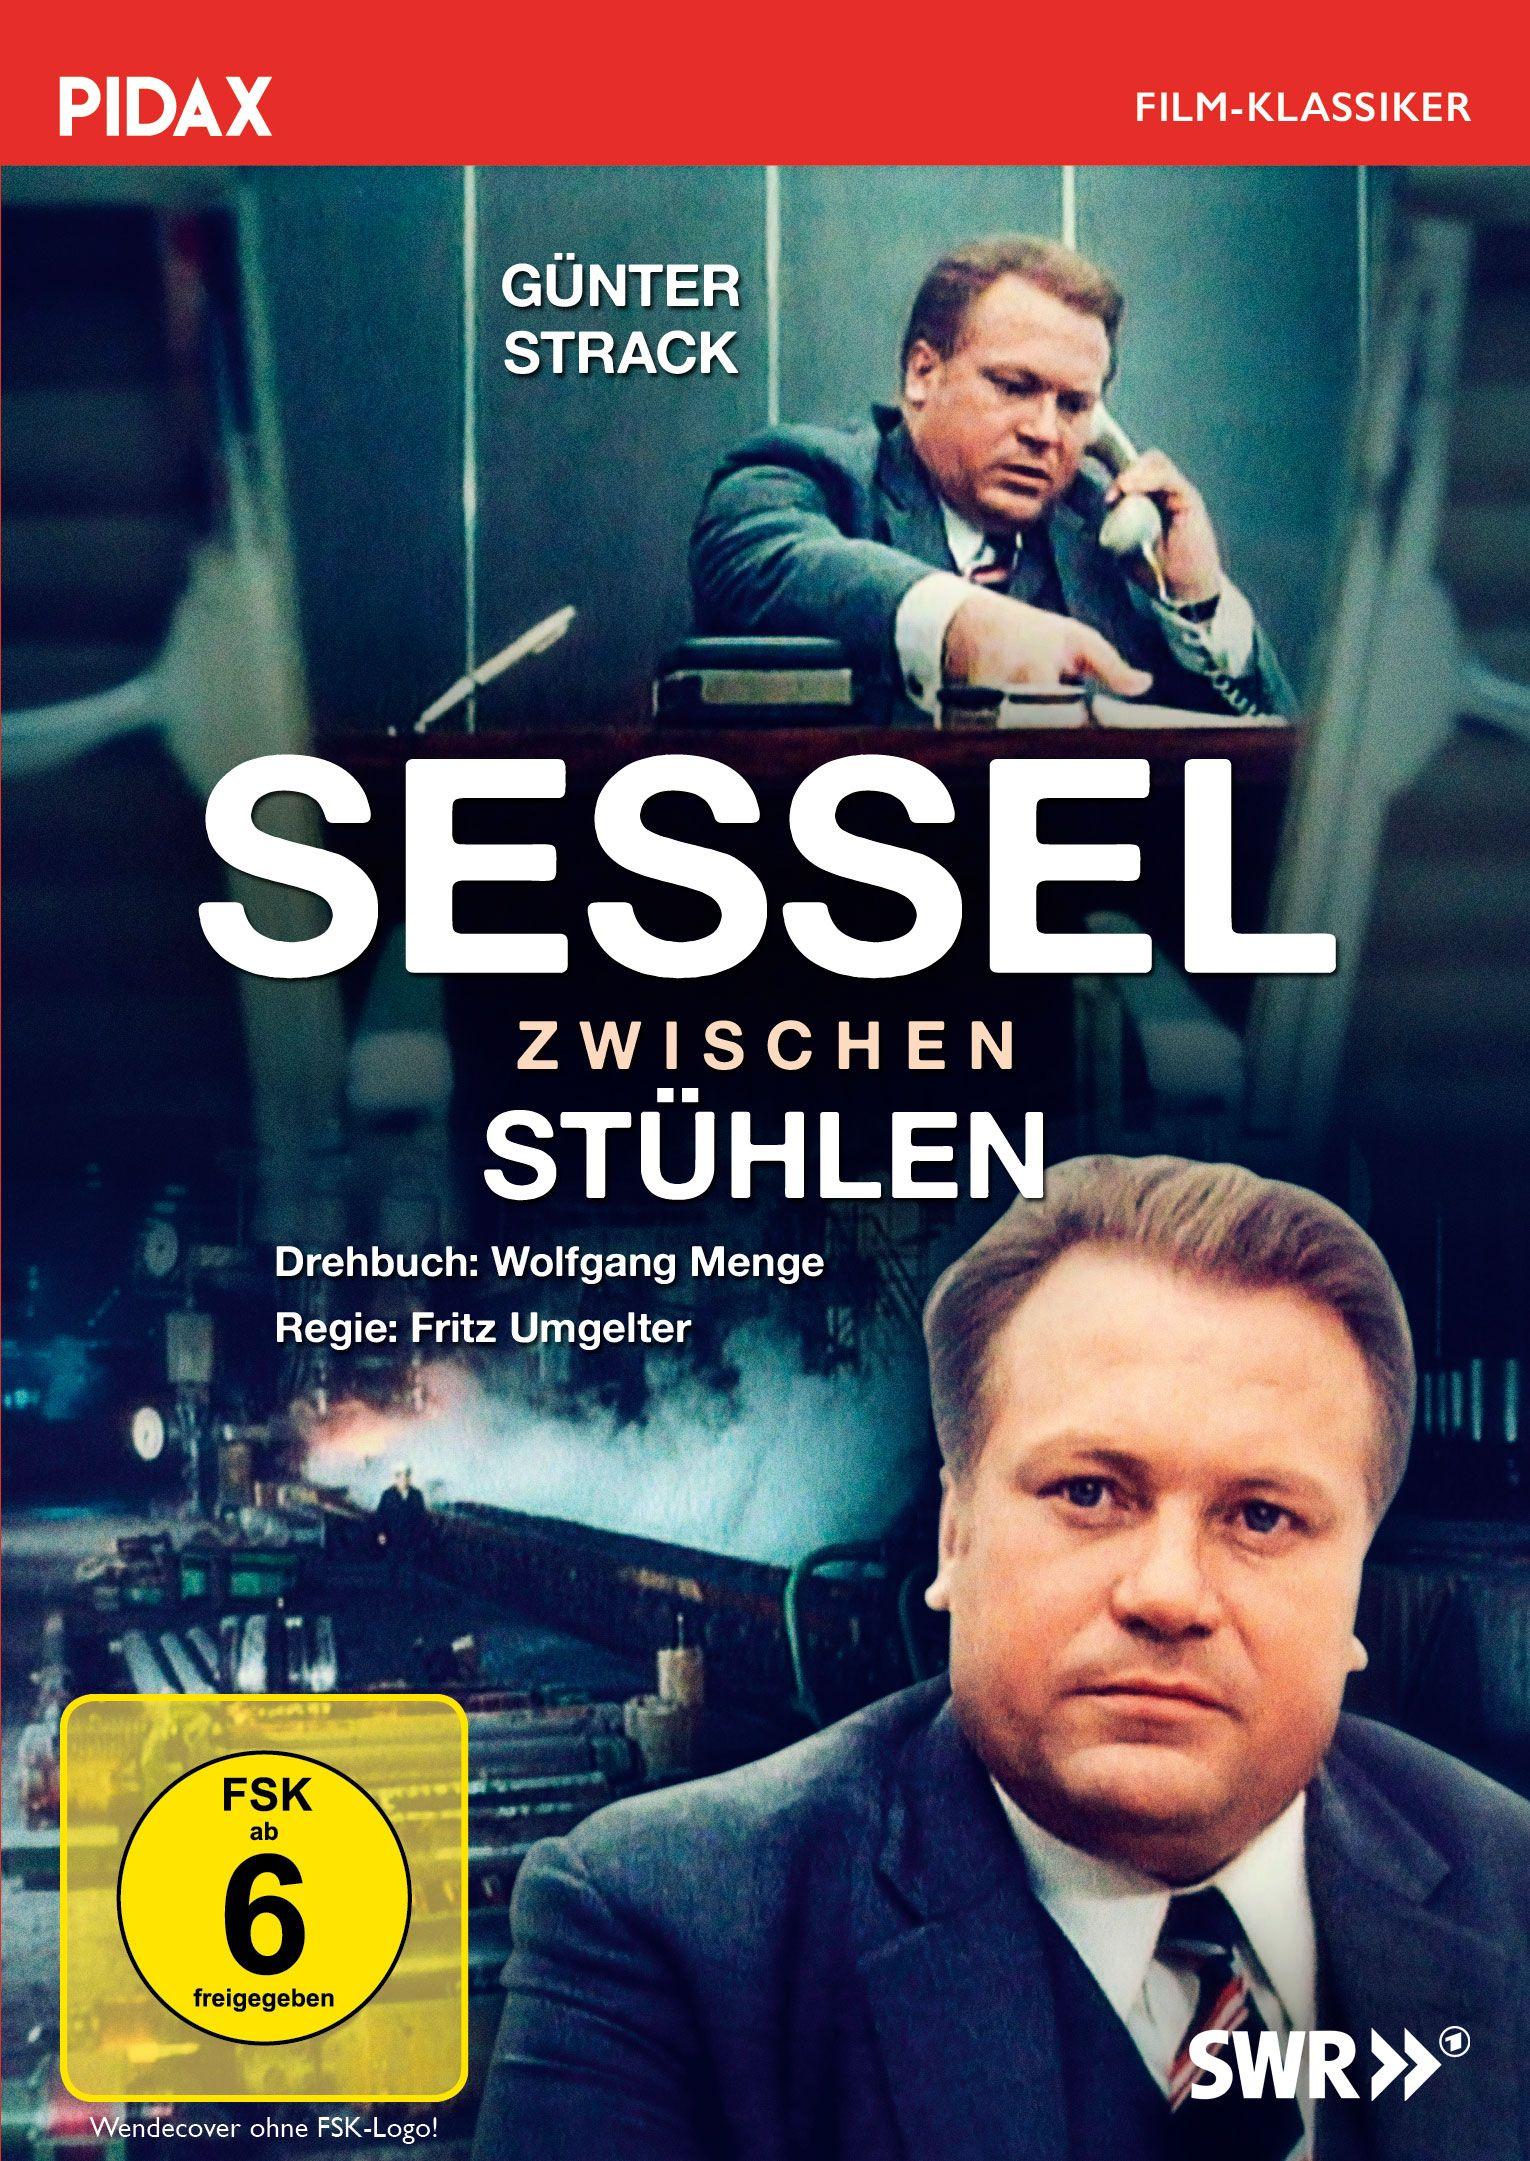 Sessel zwischen Stühlen | PIDAX Film-Klassiker | Pinterest | Sessel ...